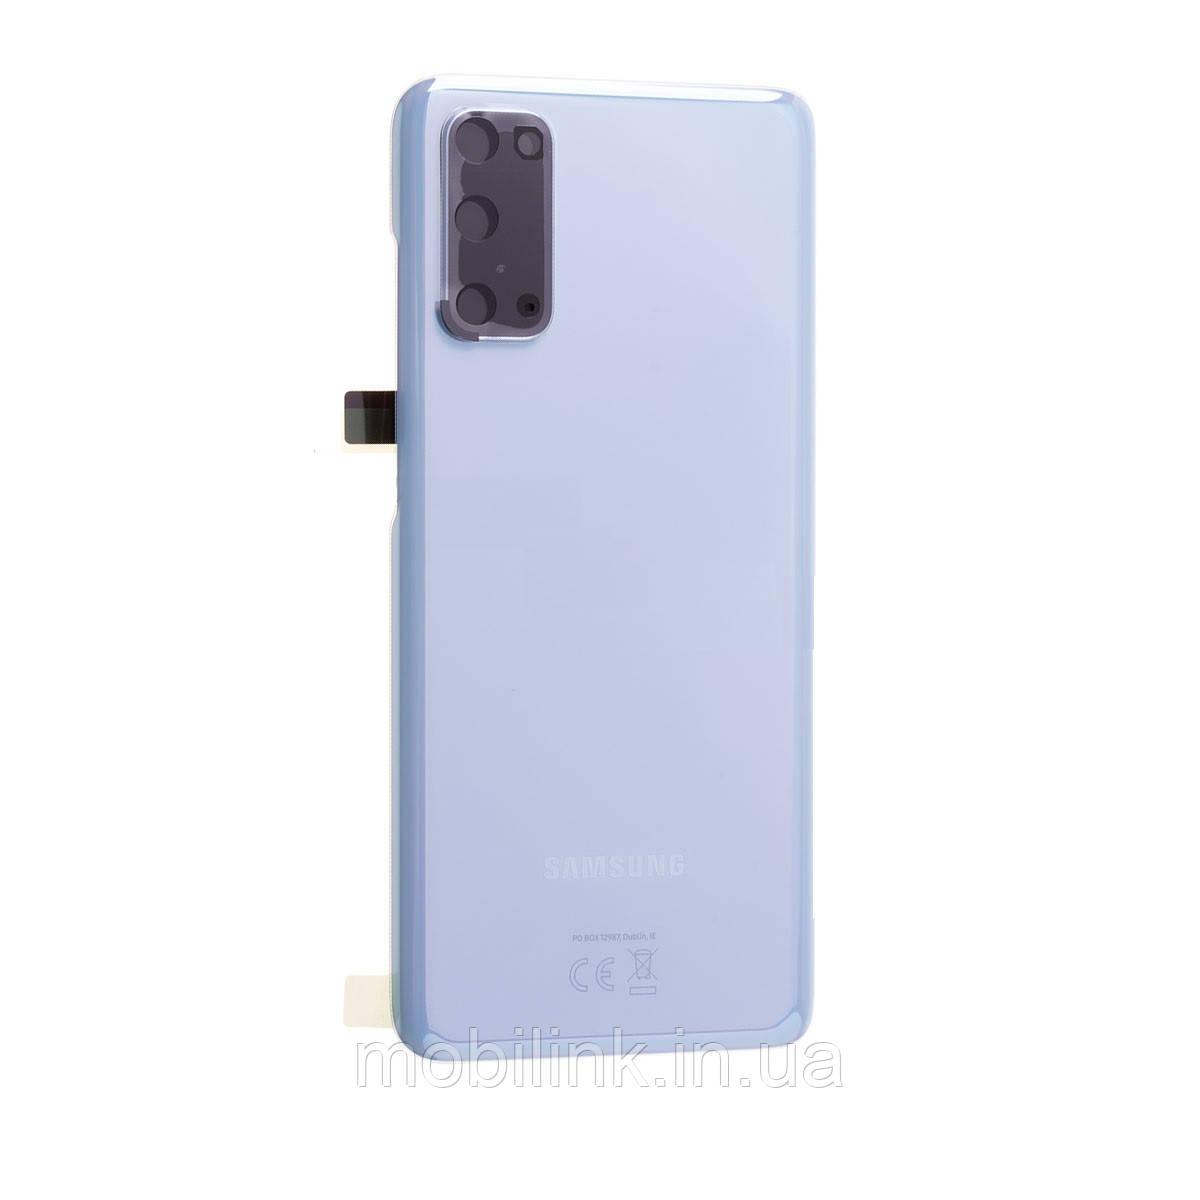 Крышка задняя Samsung SM-G980 Galaxy S20,Голубая(Blue), GH82-22520D, оригинал!